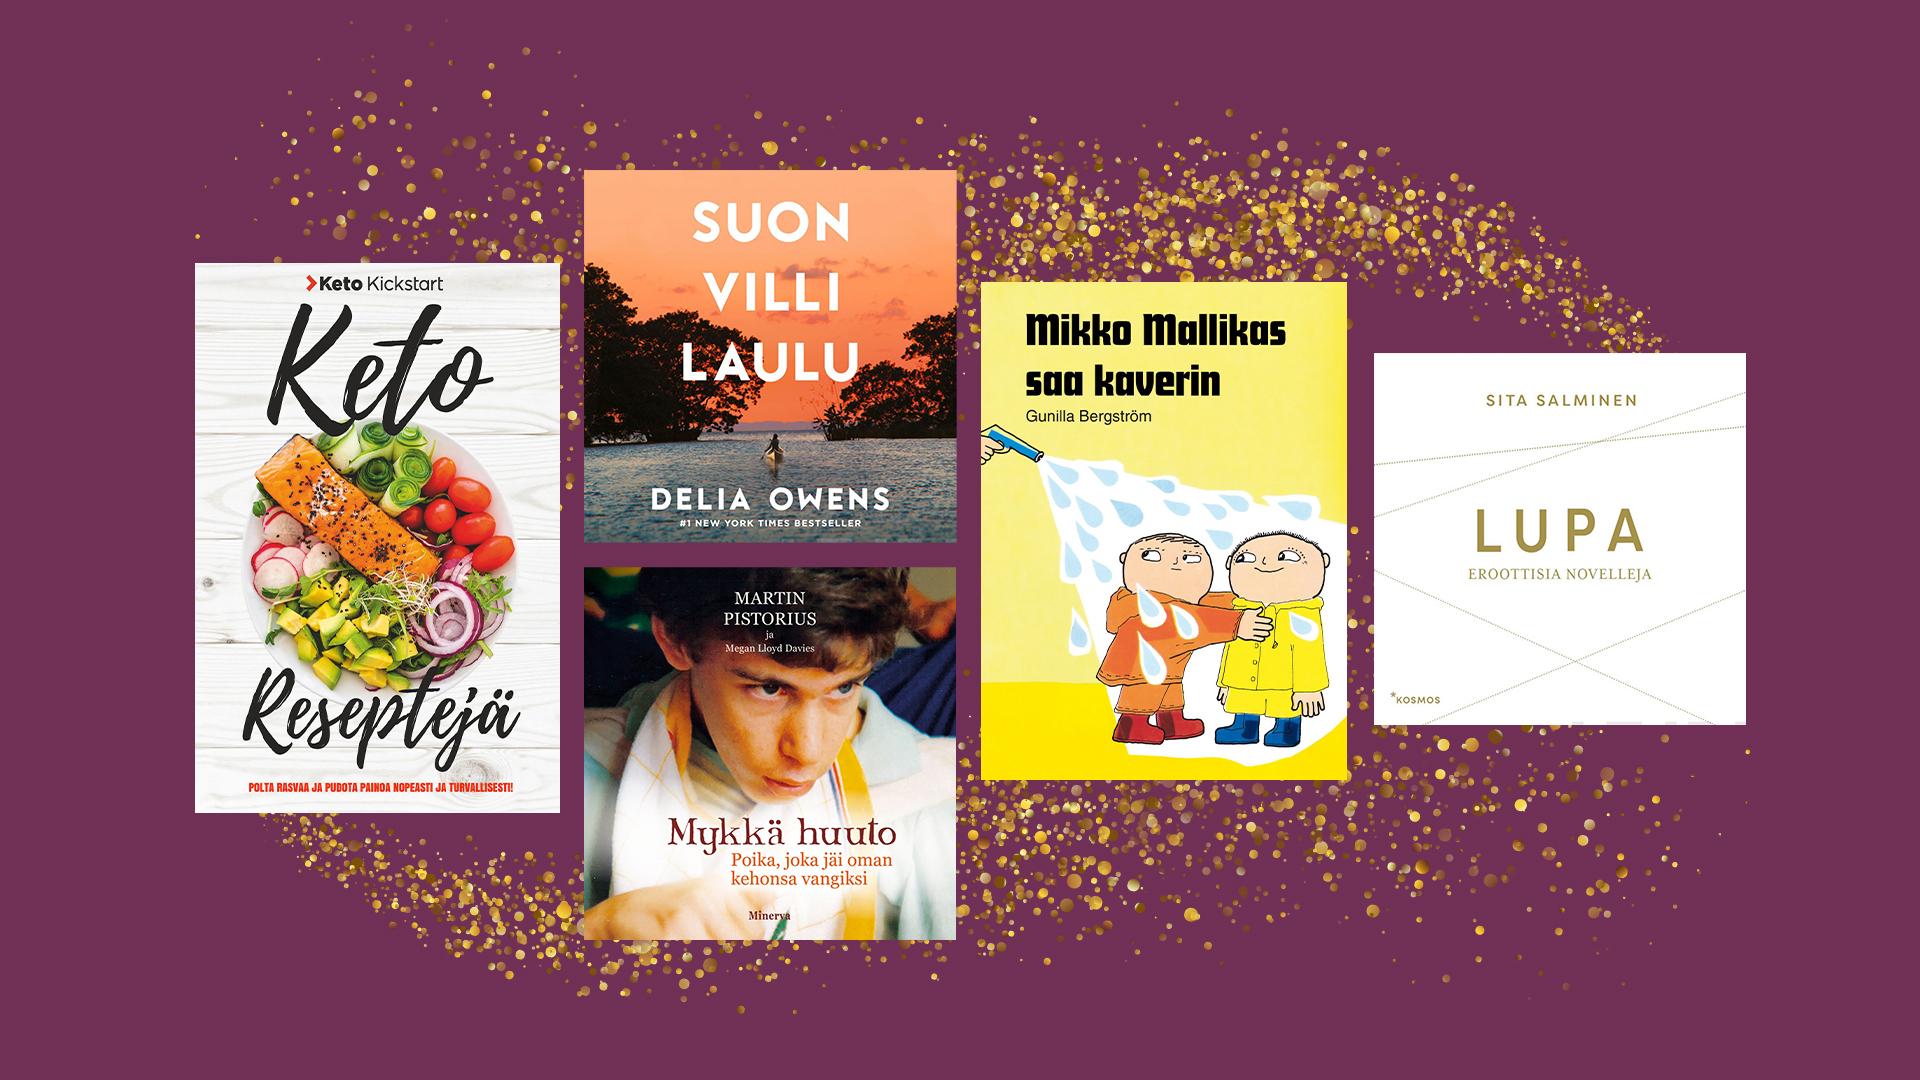 Nextory E-book Awards 2021: Sita Salminen vei voiton parhaasta aikuisten  kirjasta | Nextory